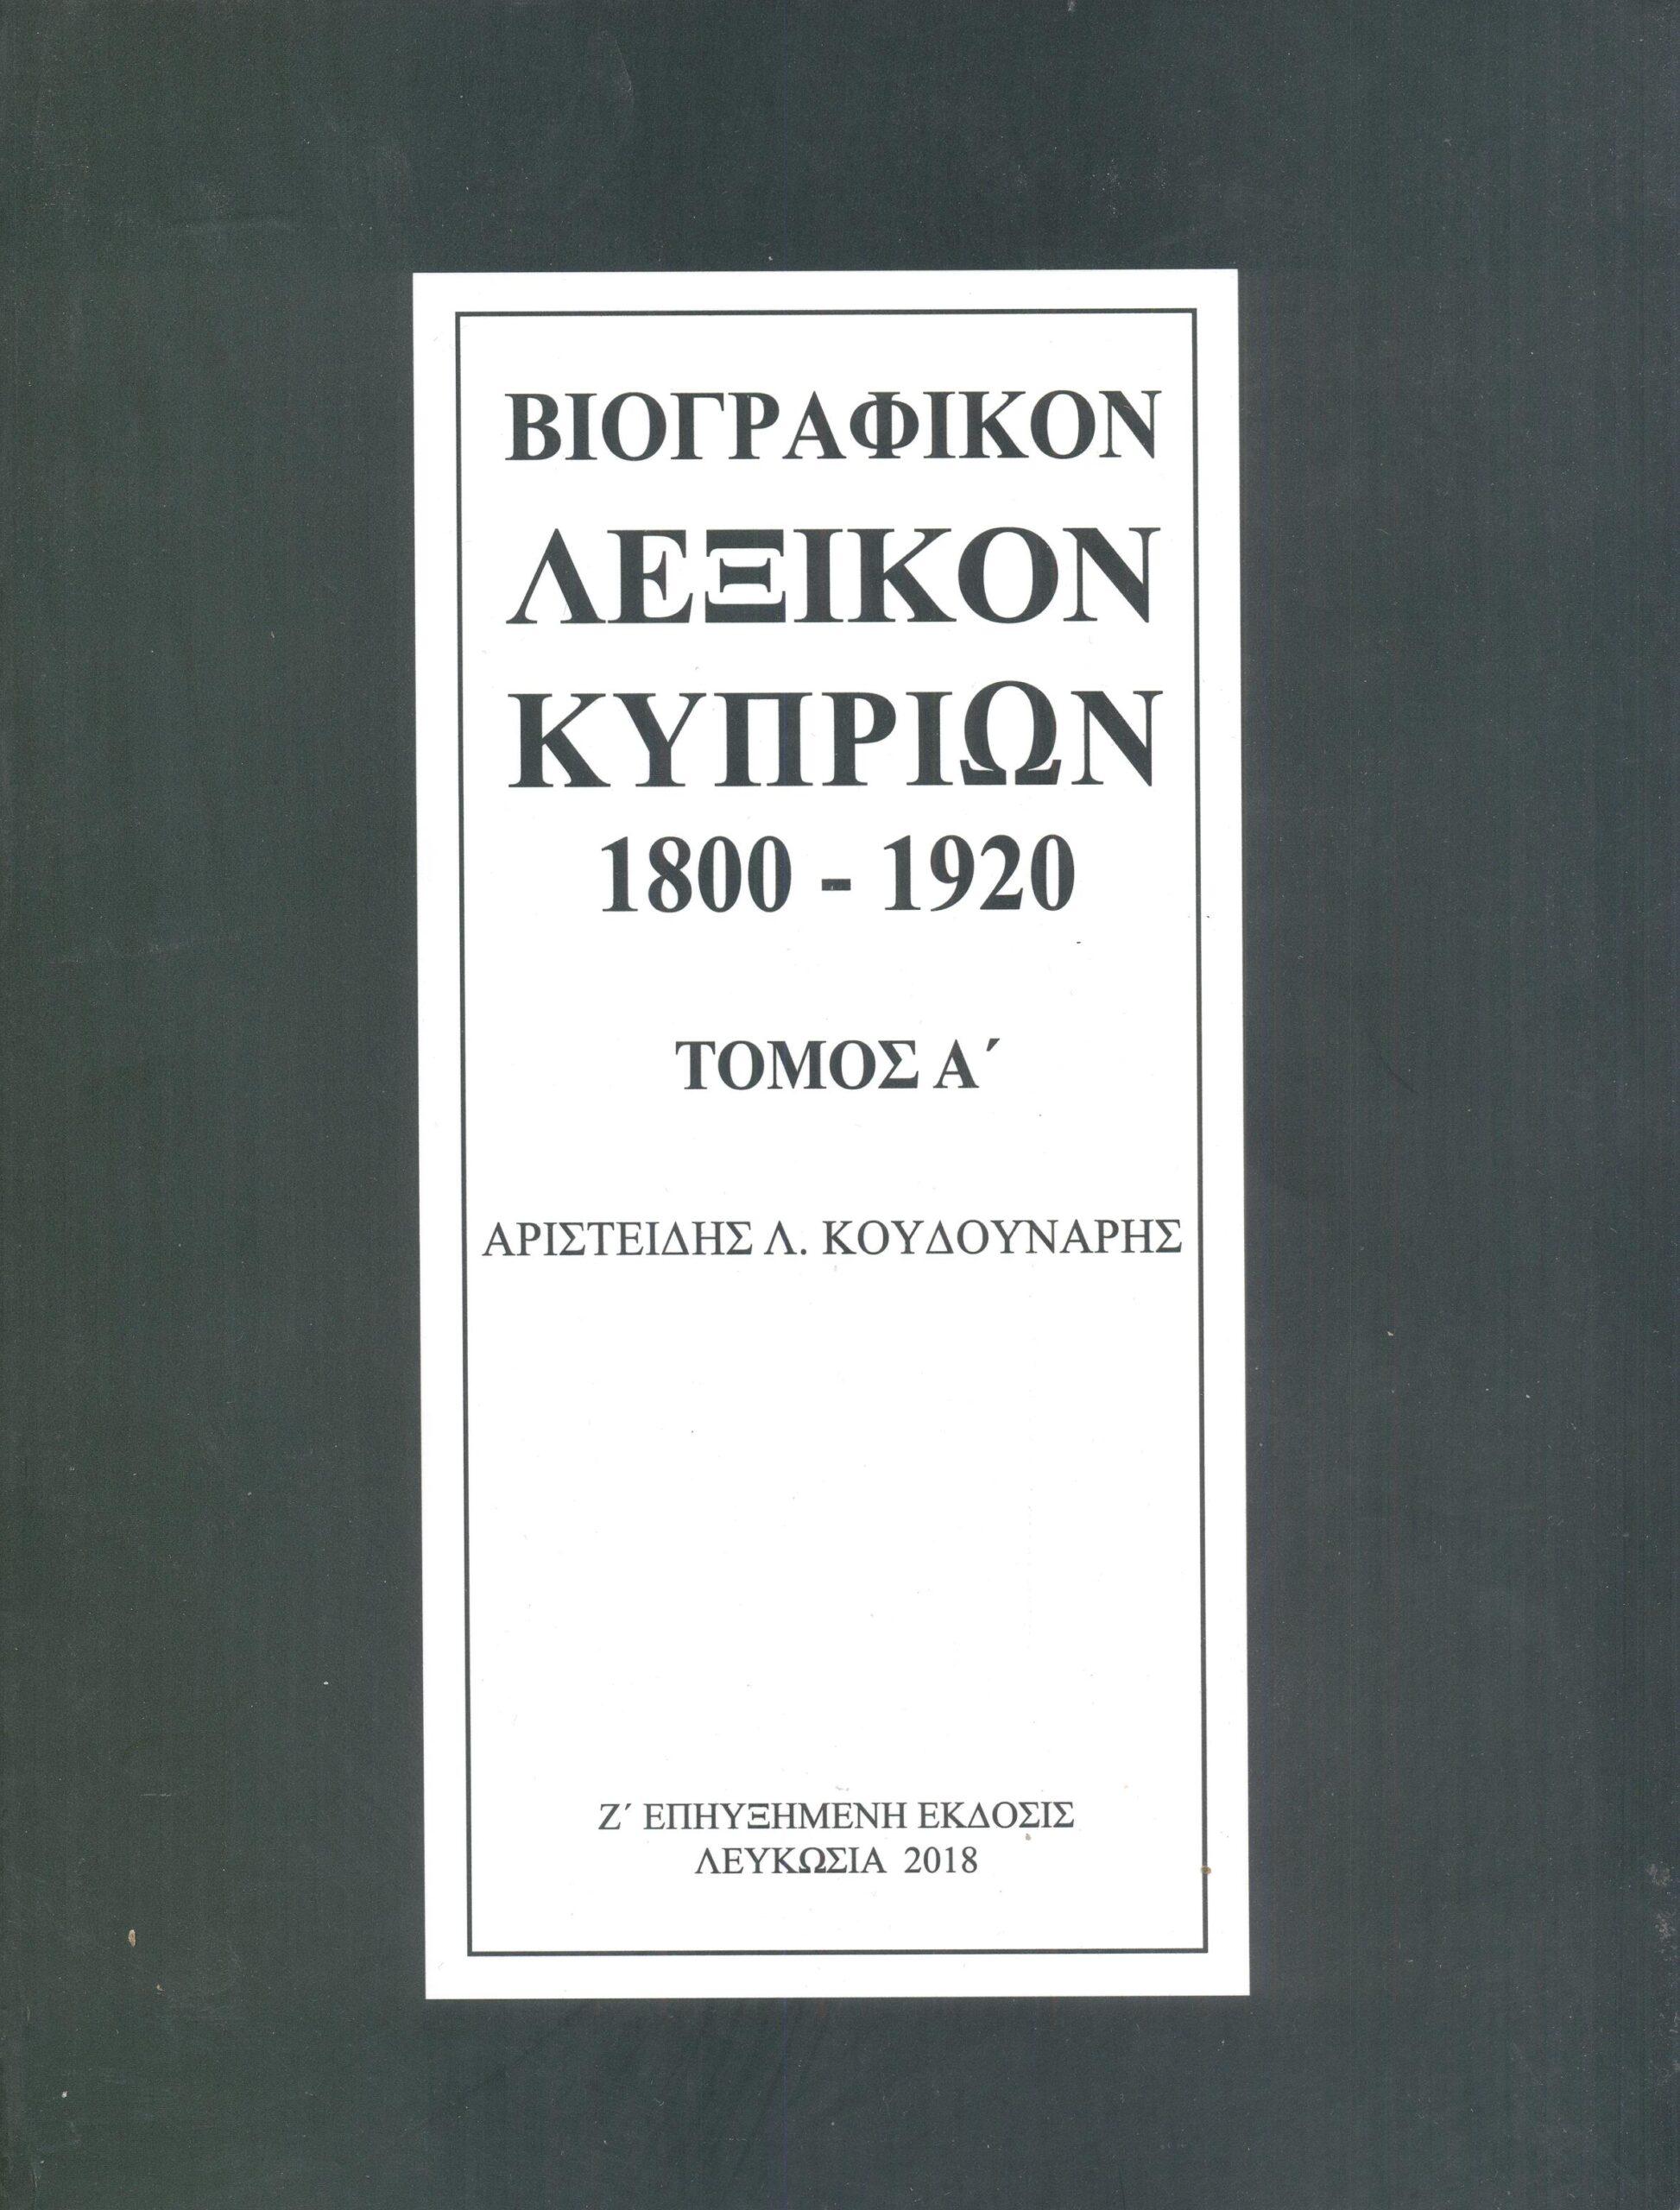 Βιογραφικόν Λεξικόν Κυπρίων 1800 - 1920 (7η έκδοση, δίτομο)